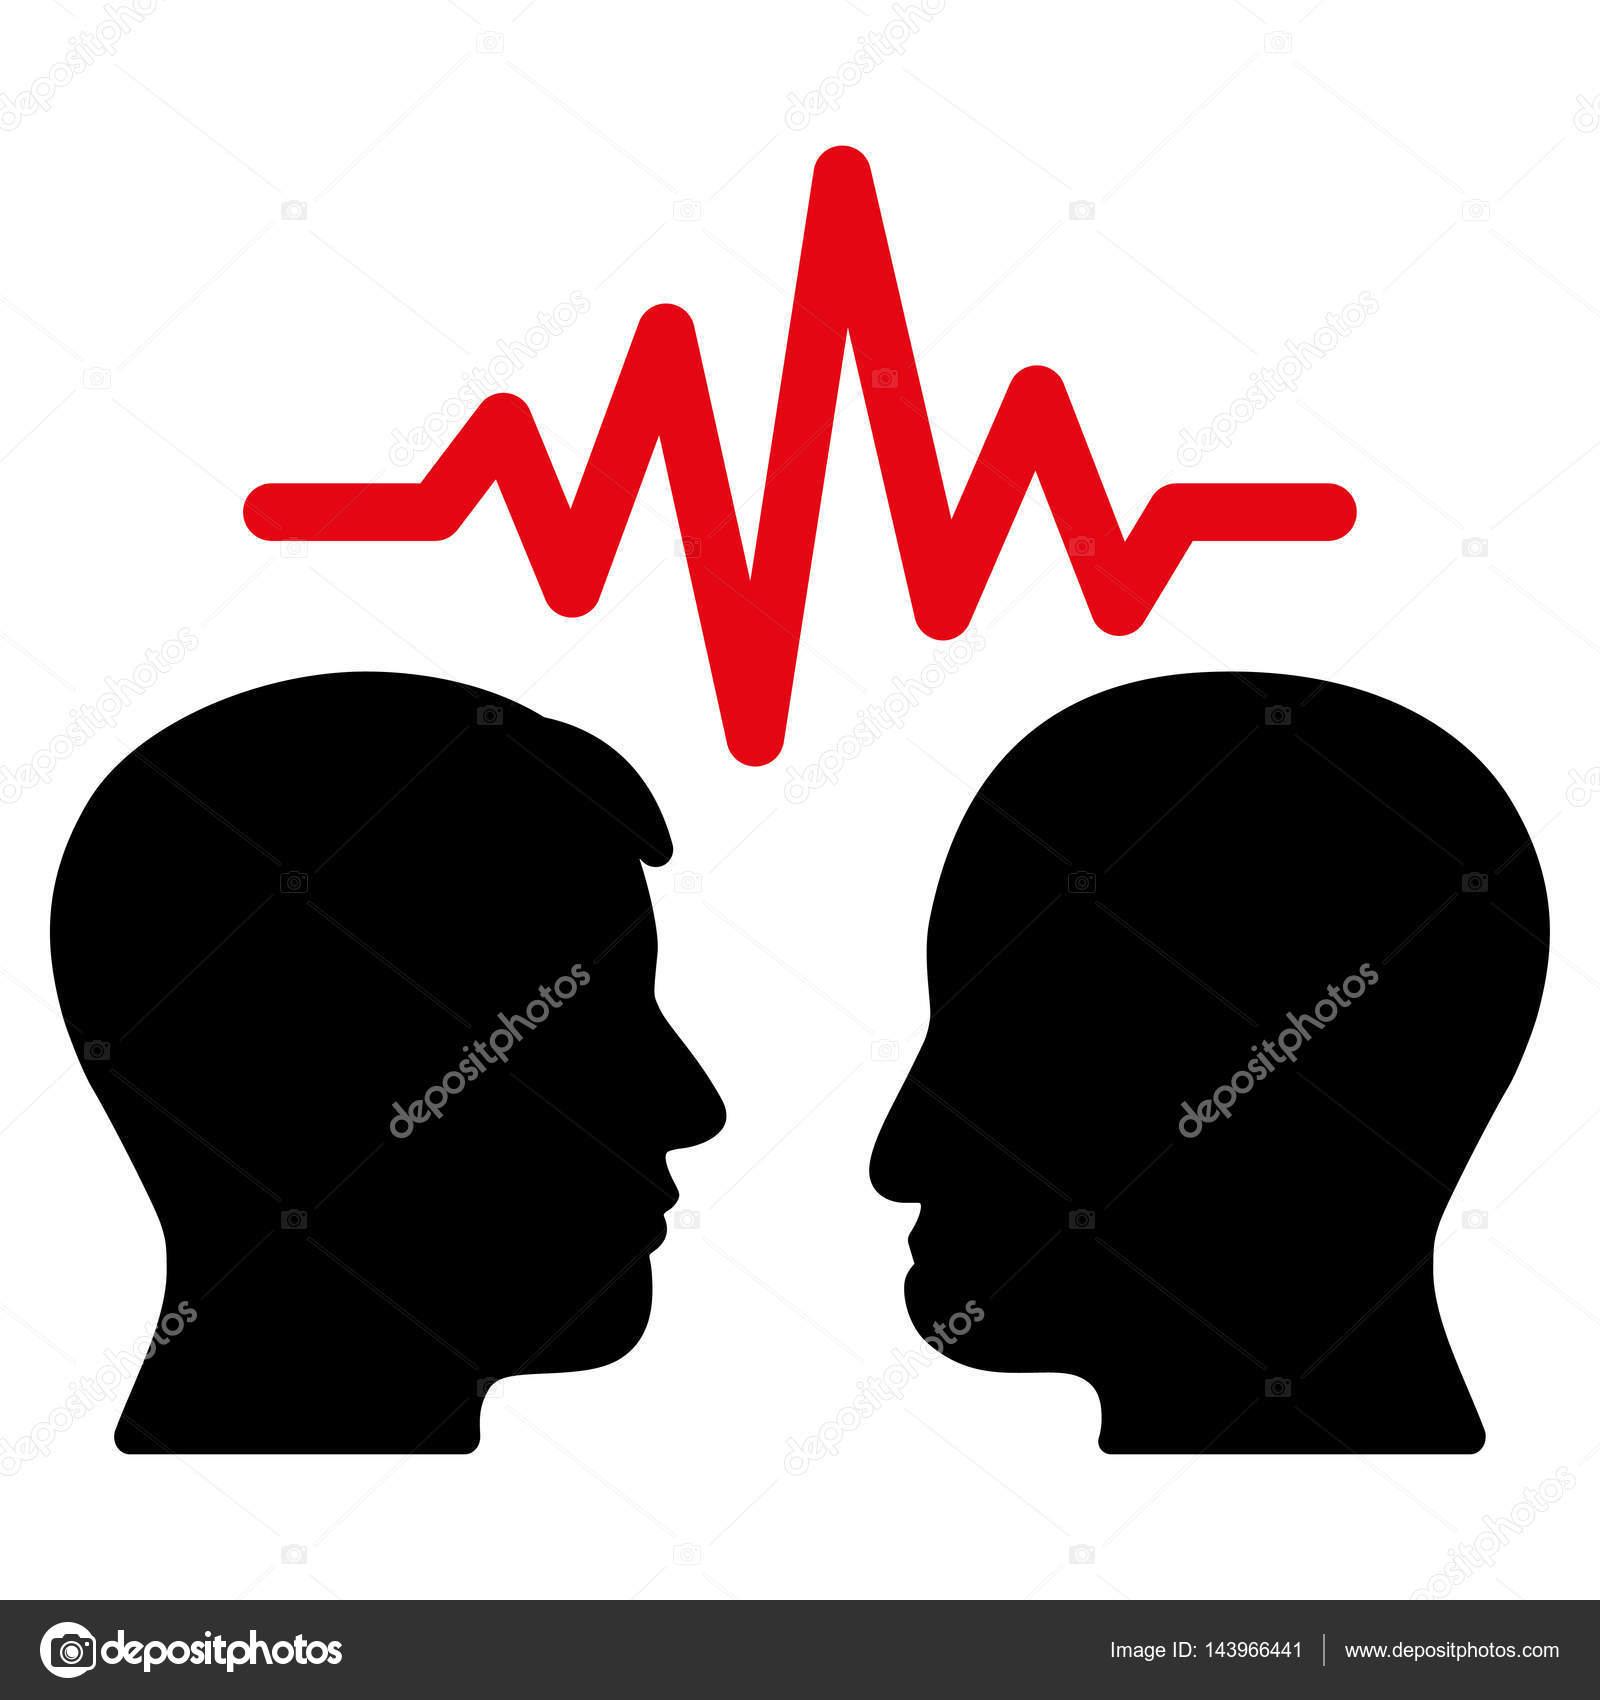 用户对话框信号矢量图标.平双色密集的红色和黑色象征.